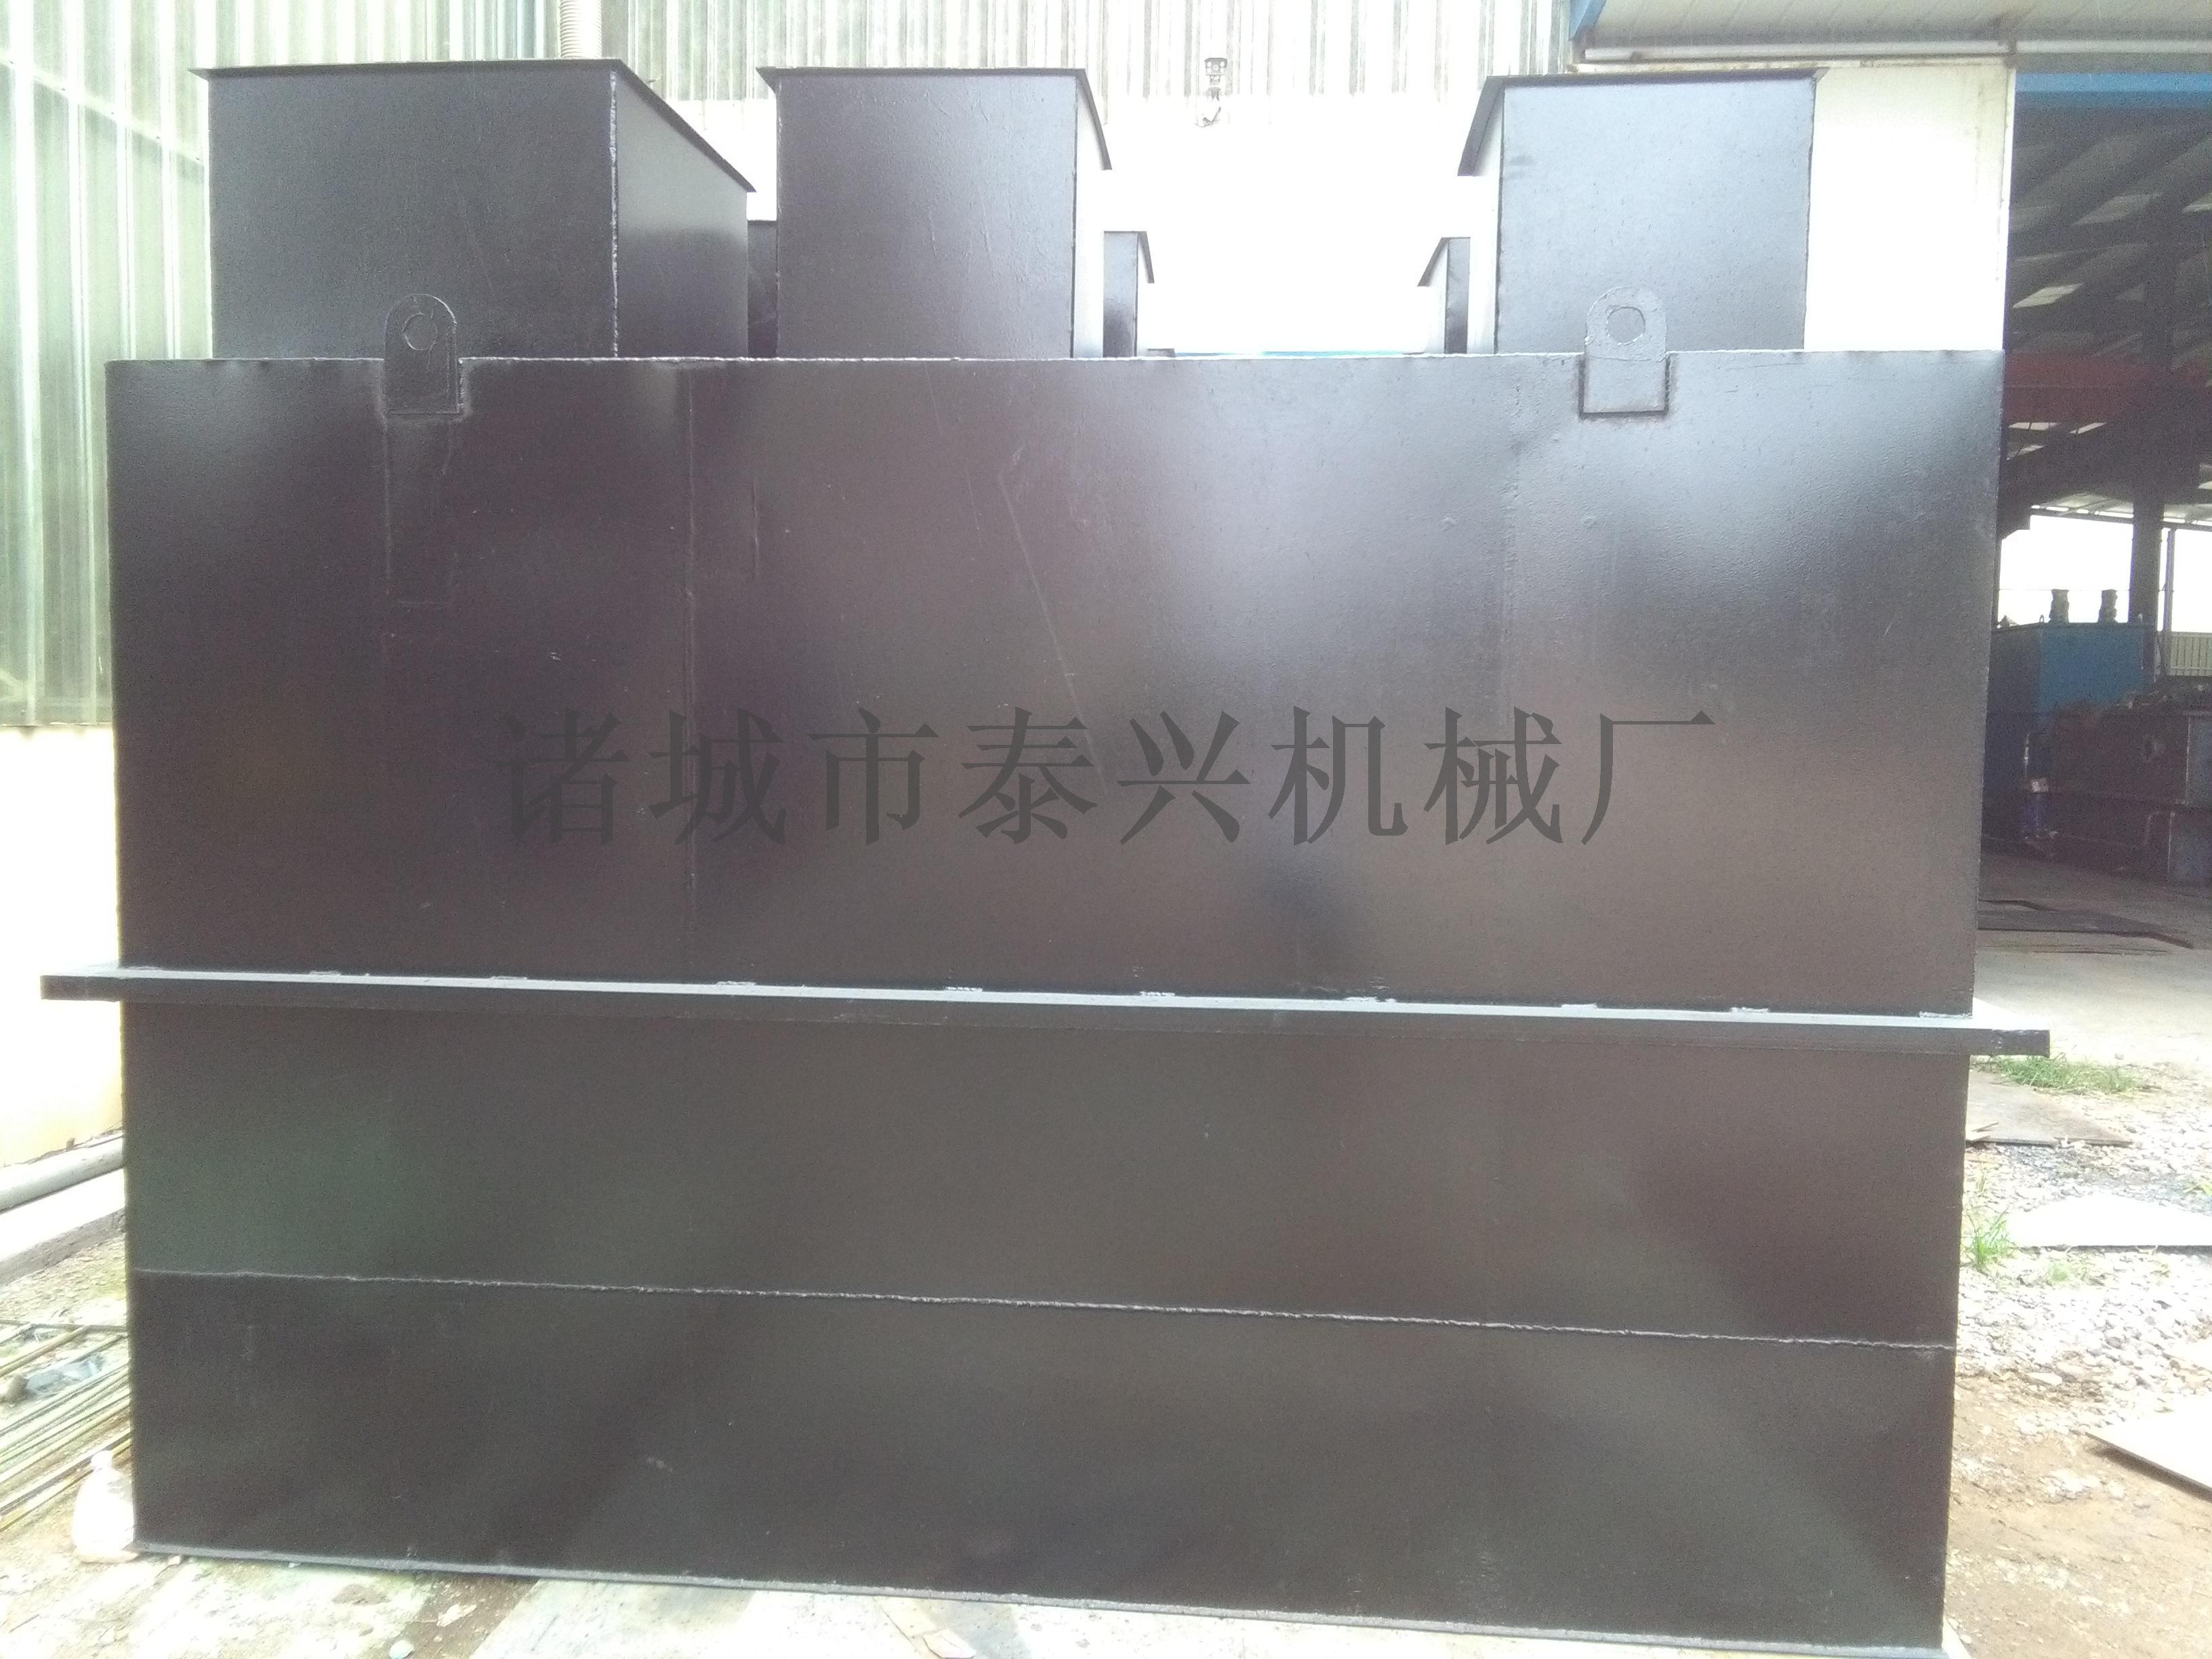 泰兴电镀废水处理设备 工业污水处理设备764283822